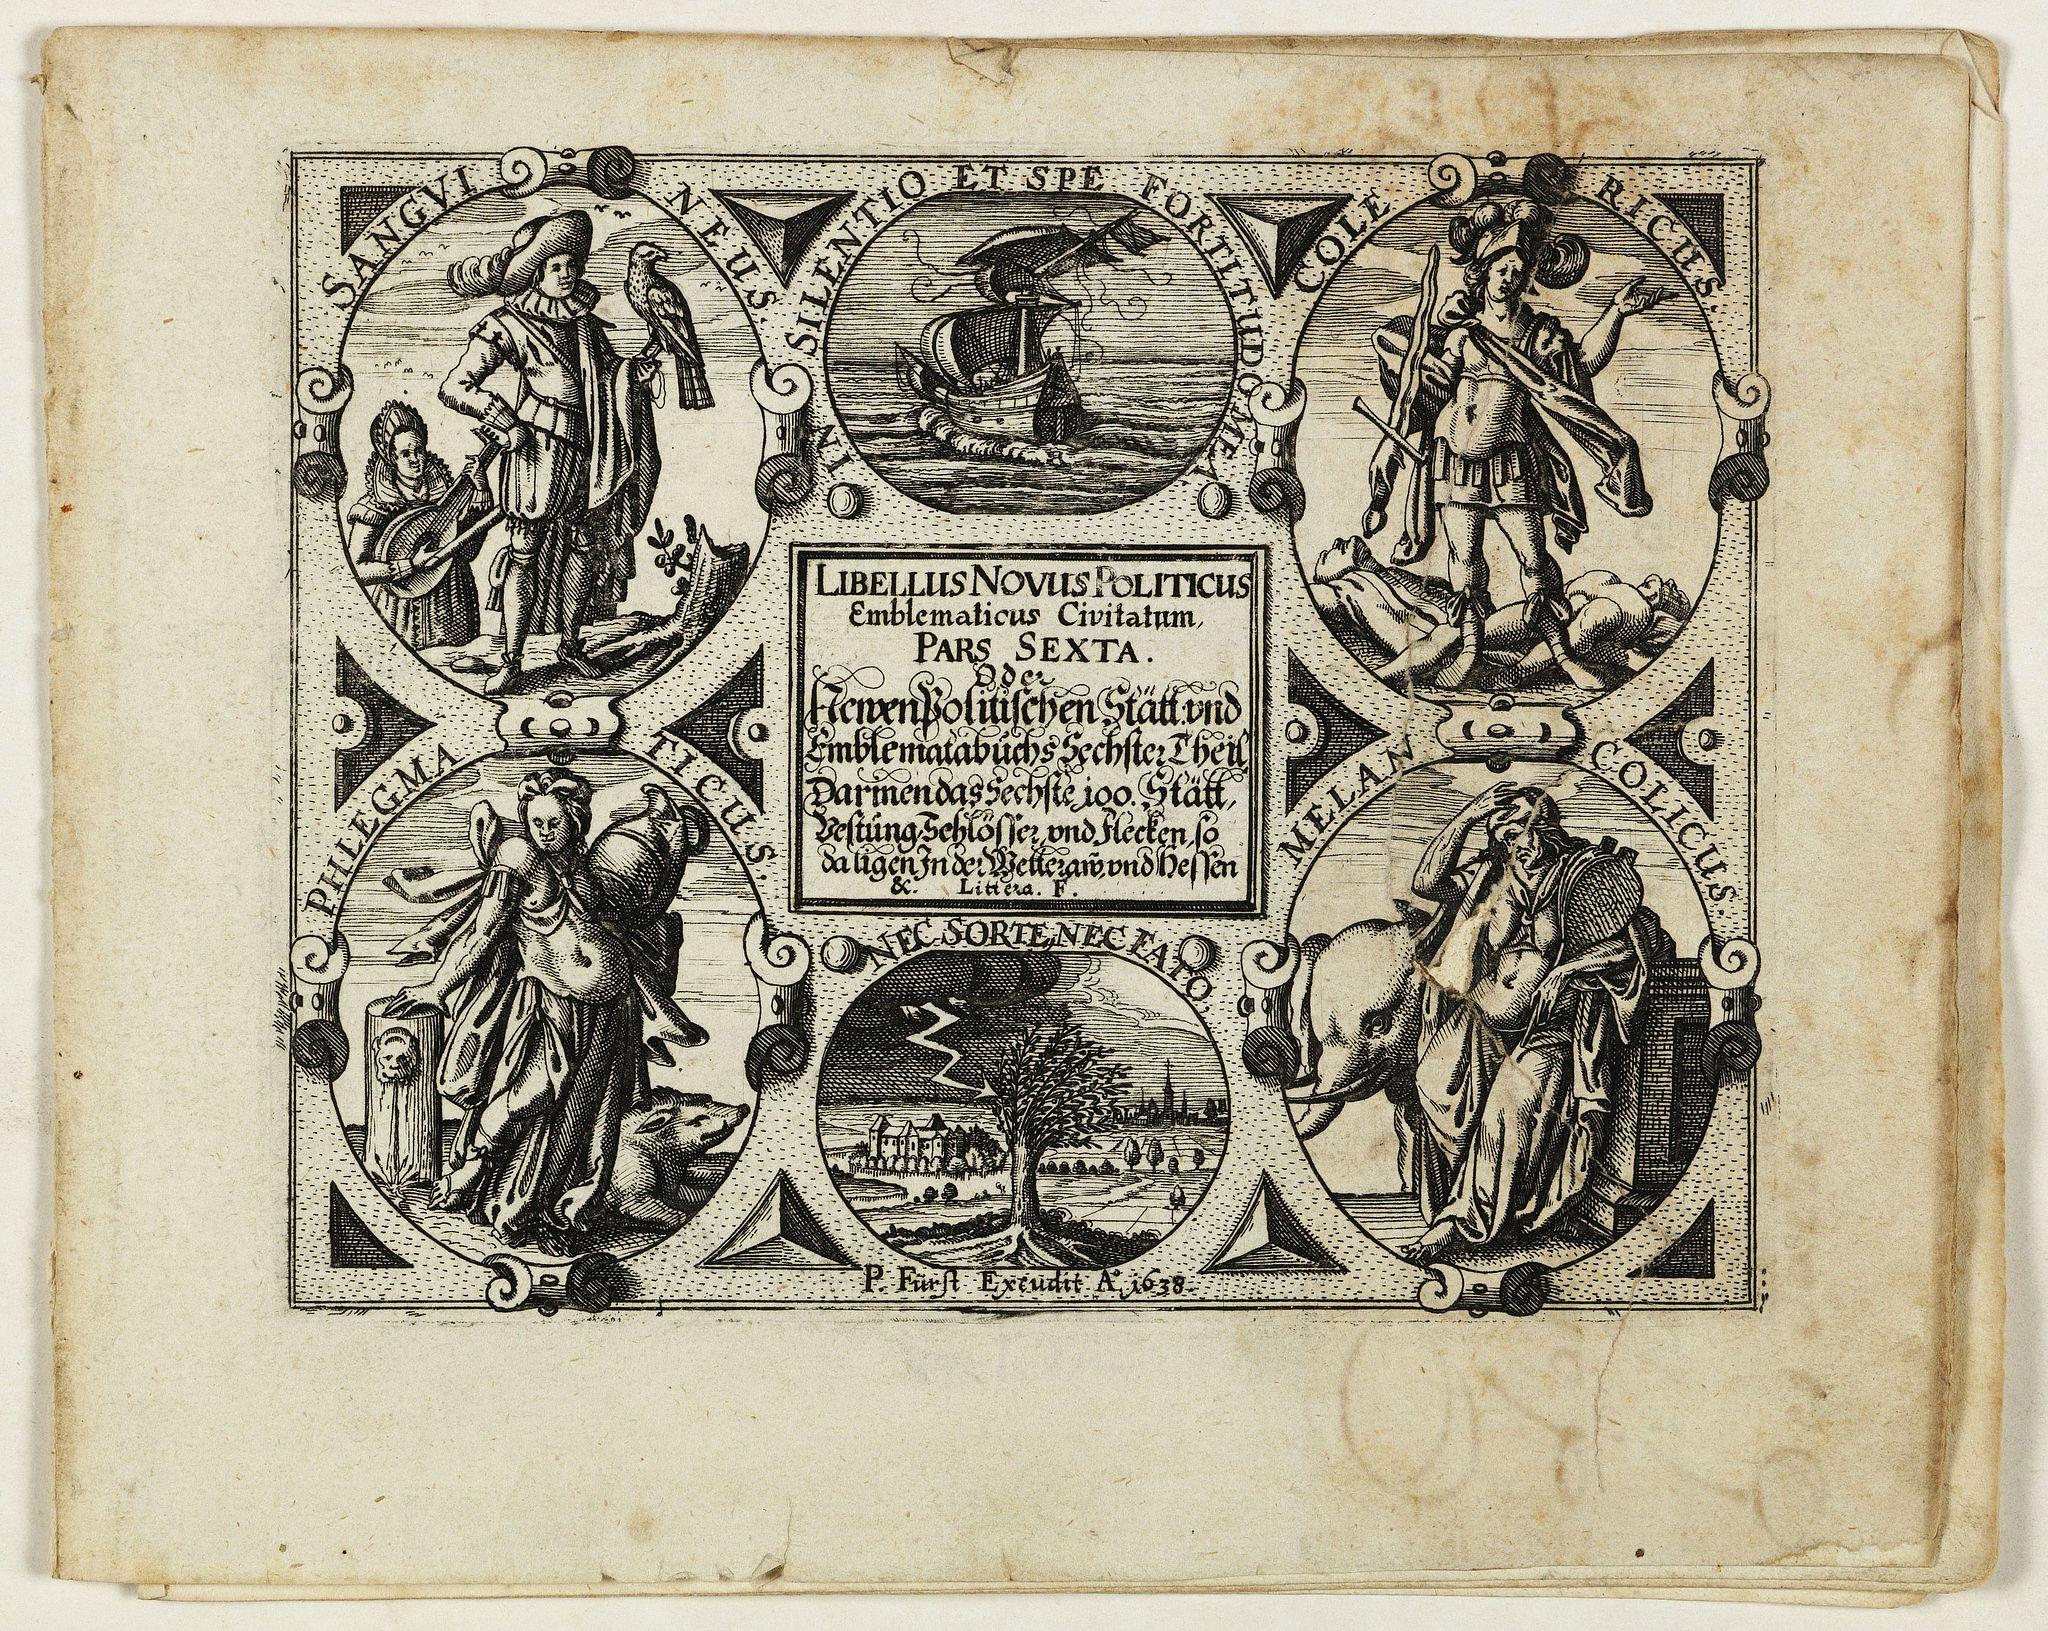 MEISNER, D. -  [Title page] Libellus Novus Politicus.. Pars Sexta.